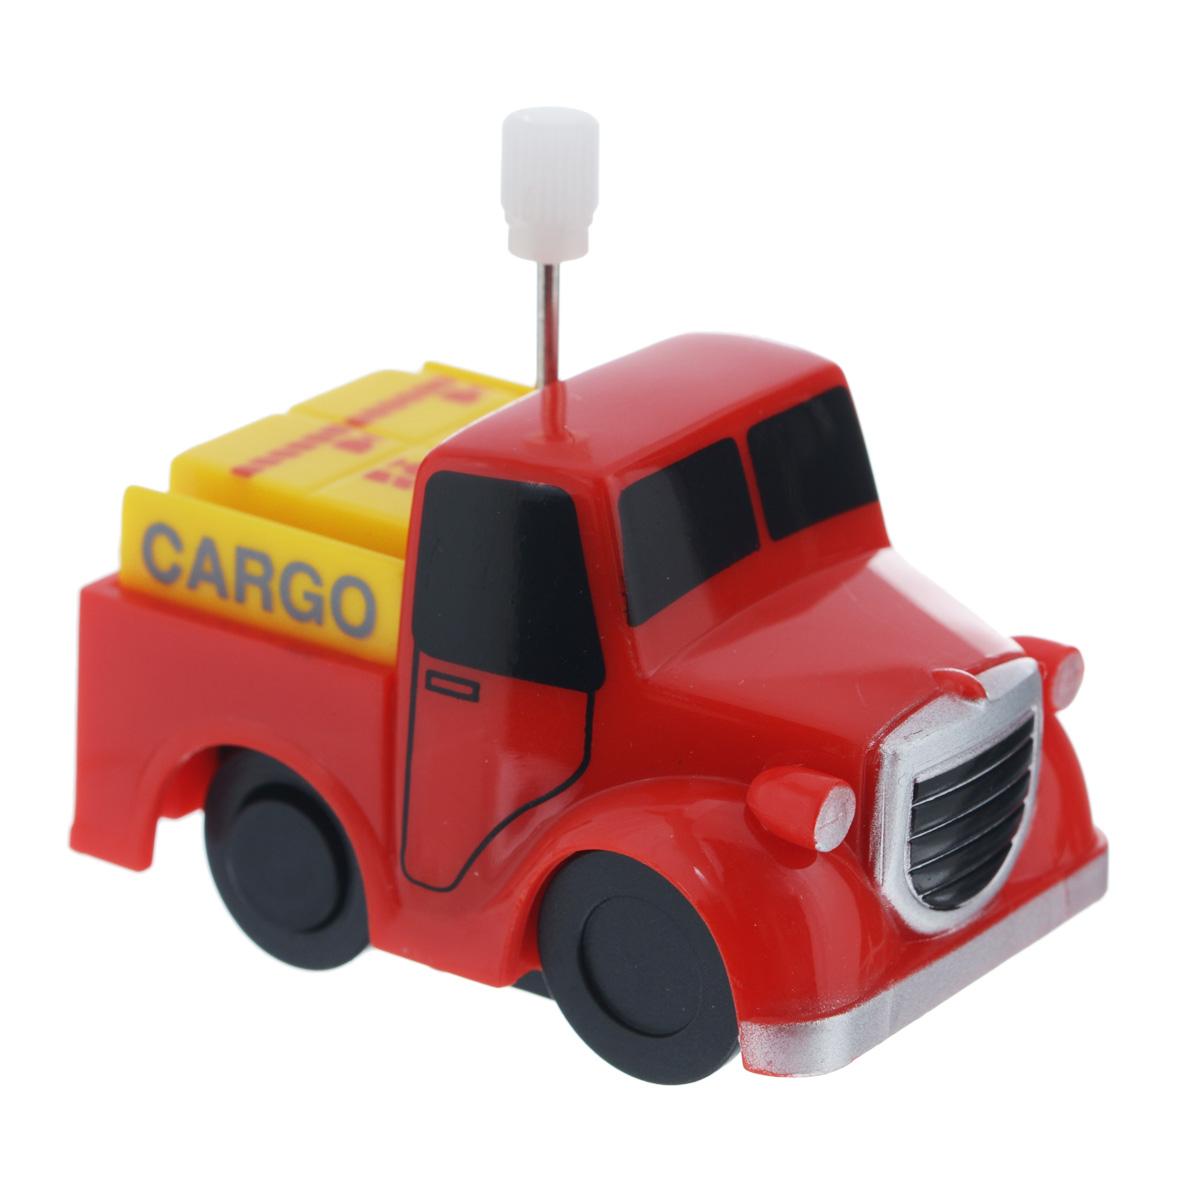 Игрушка заводная Грузовичок Cargo2K-012BD_ CargoИгрушка Hans Грузовичок Cargo привлечет внимание вашего малыша и не позволит ему скучать! Выполненная из безопасного пластика, игрушка представляет собой грузовичок. Игрушка имеет механический завод. Для запуска, придерживая колеса, поверните заводной ключ по часовой стрелке до упора. Установите игрушку на поверхность и она поедет вперед. Заводная игрушка Hans Грузовичок Cargo поможет ребенку в развитии воображения, мелкой моторики рук, концентрации внимания и цветового восприятия.